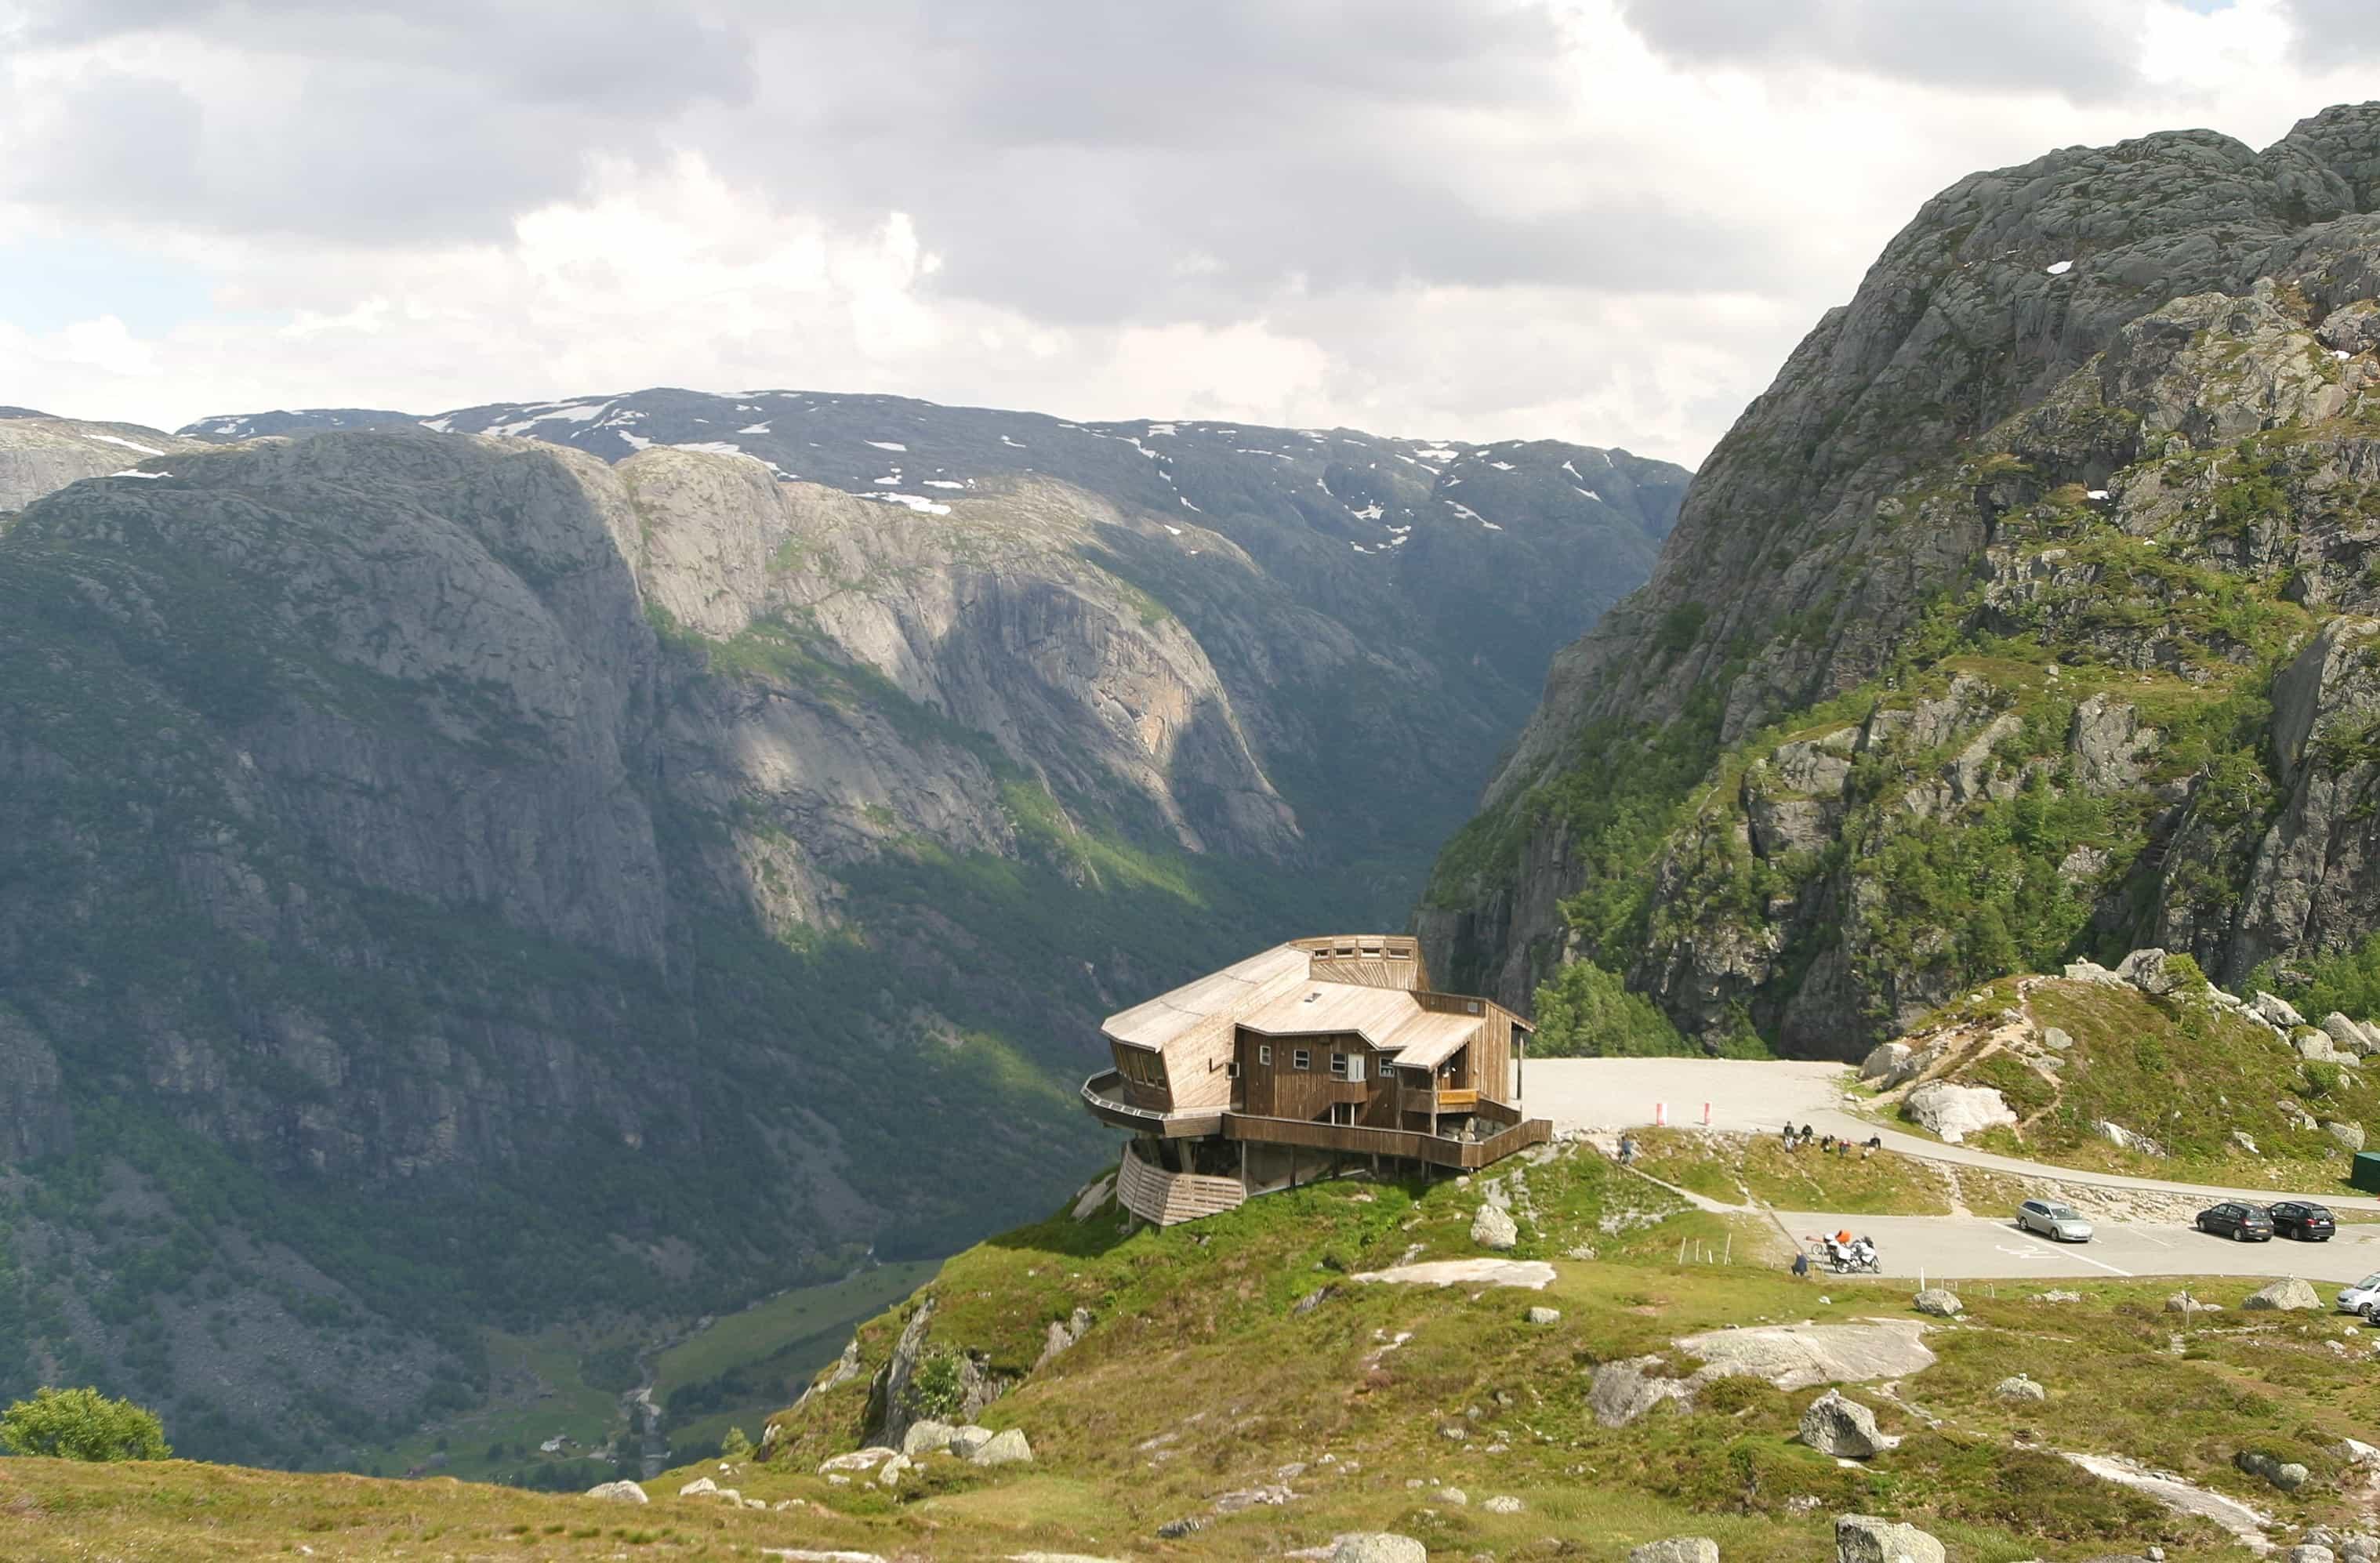 Øygardstøl, starting point for Kjerag hike